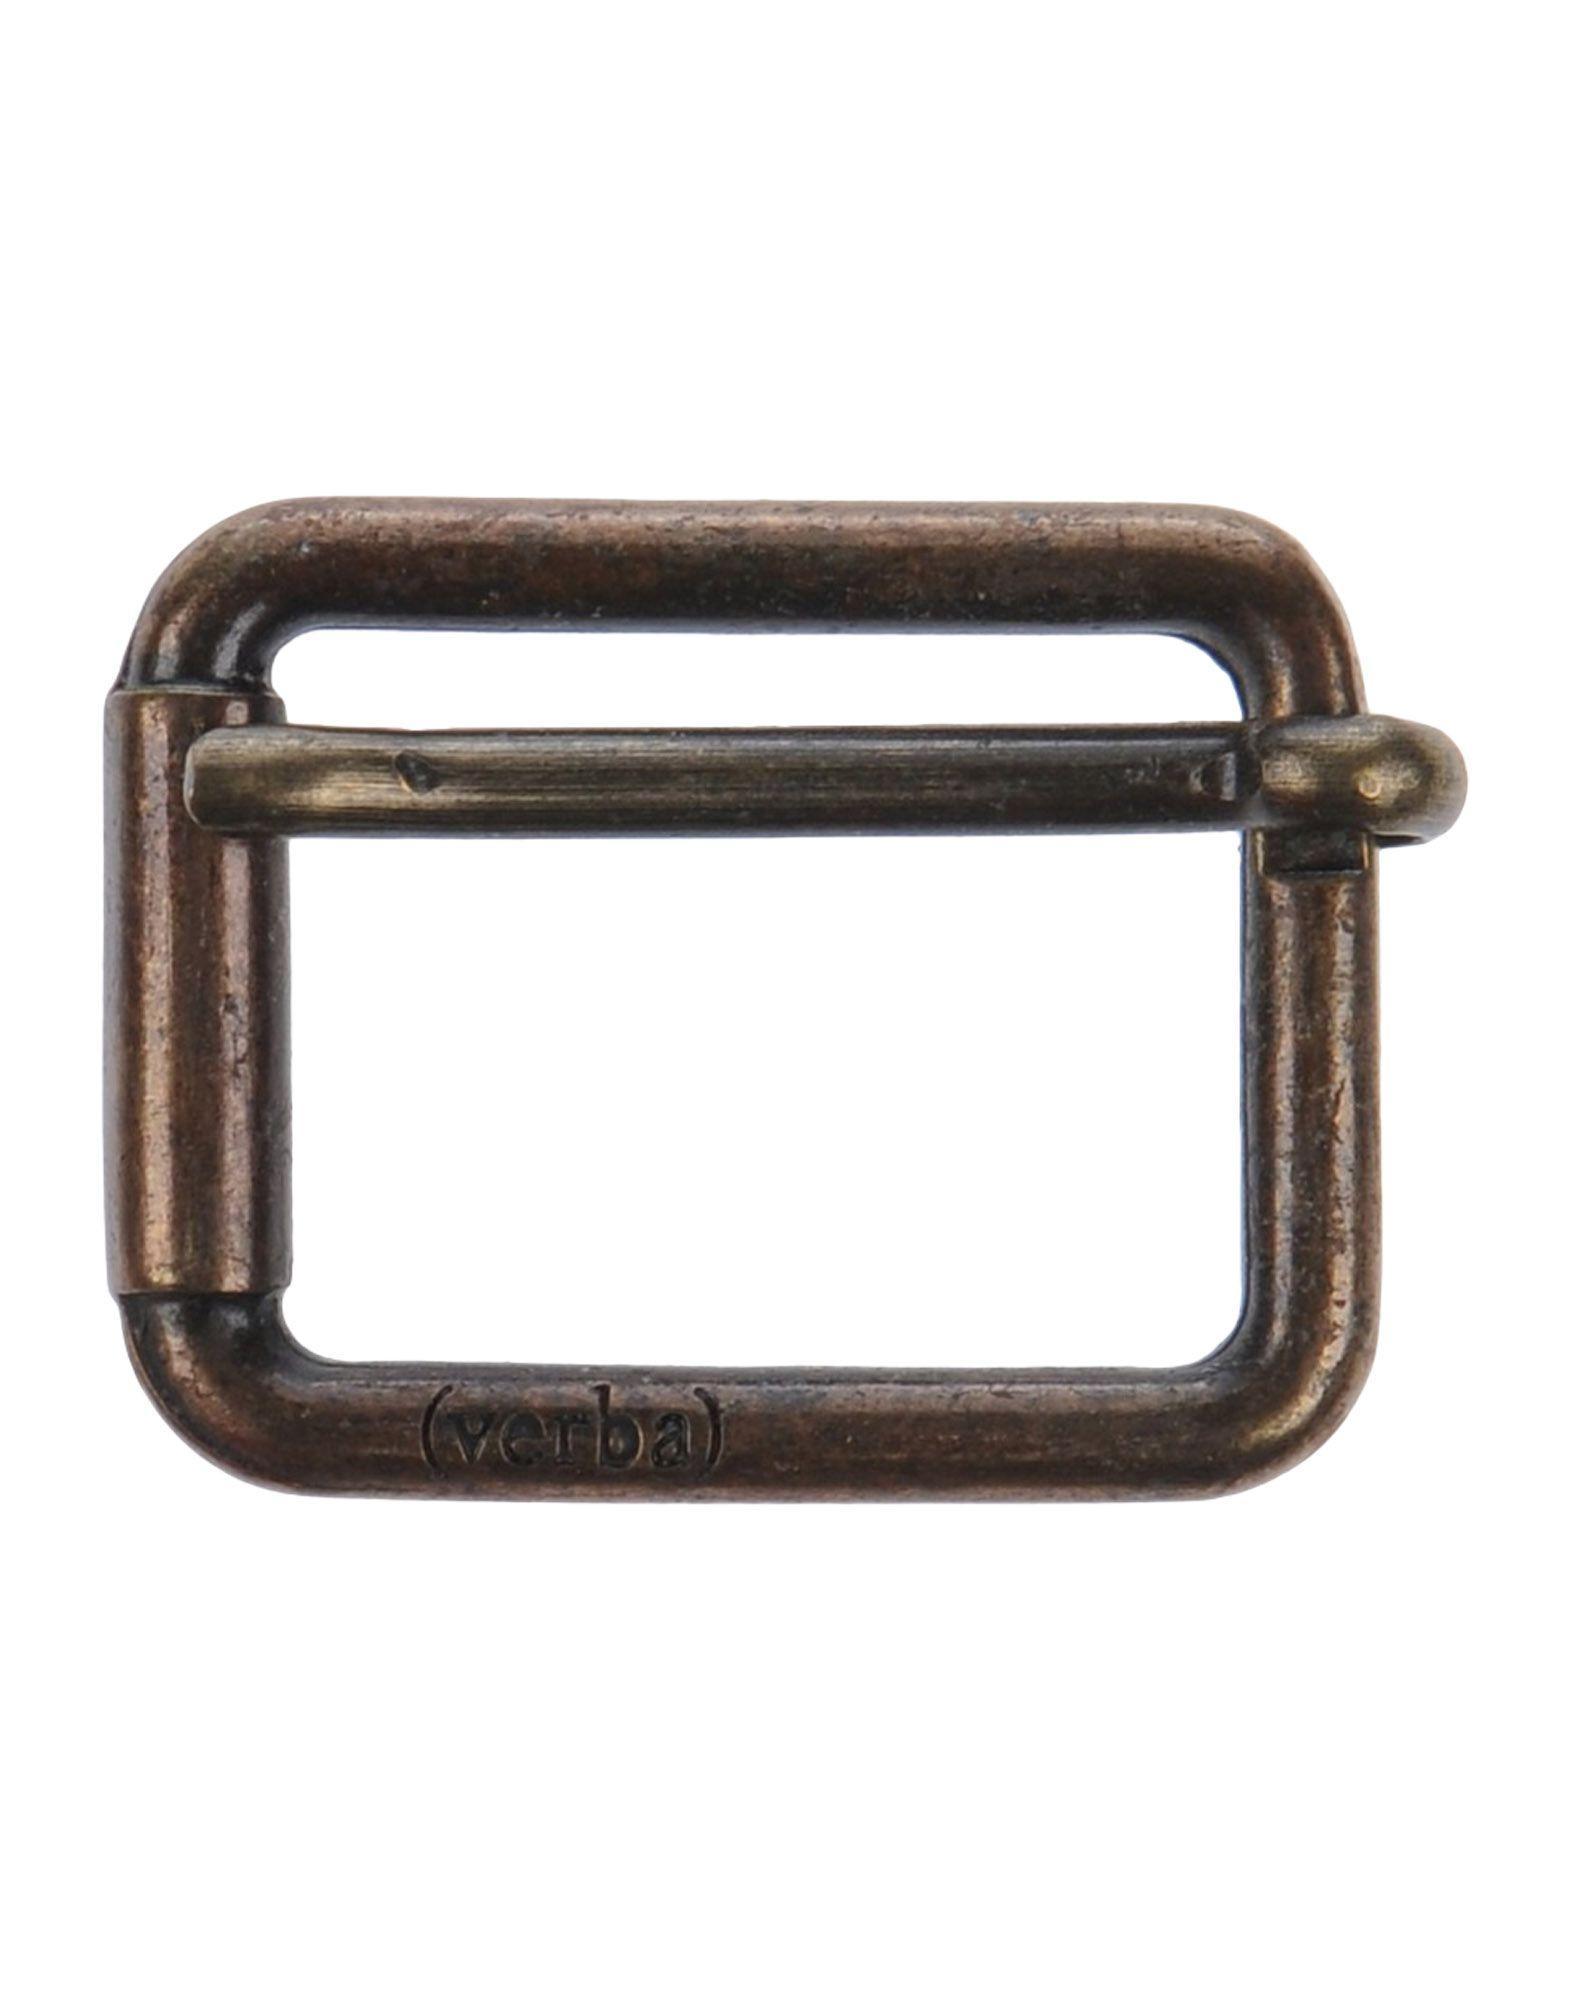 Verba (  ) Belt Buckles In Bronze